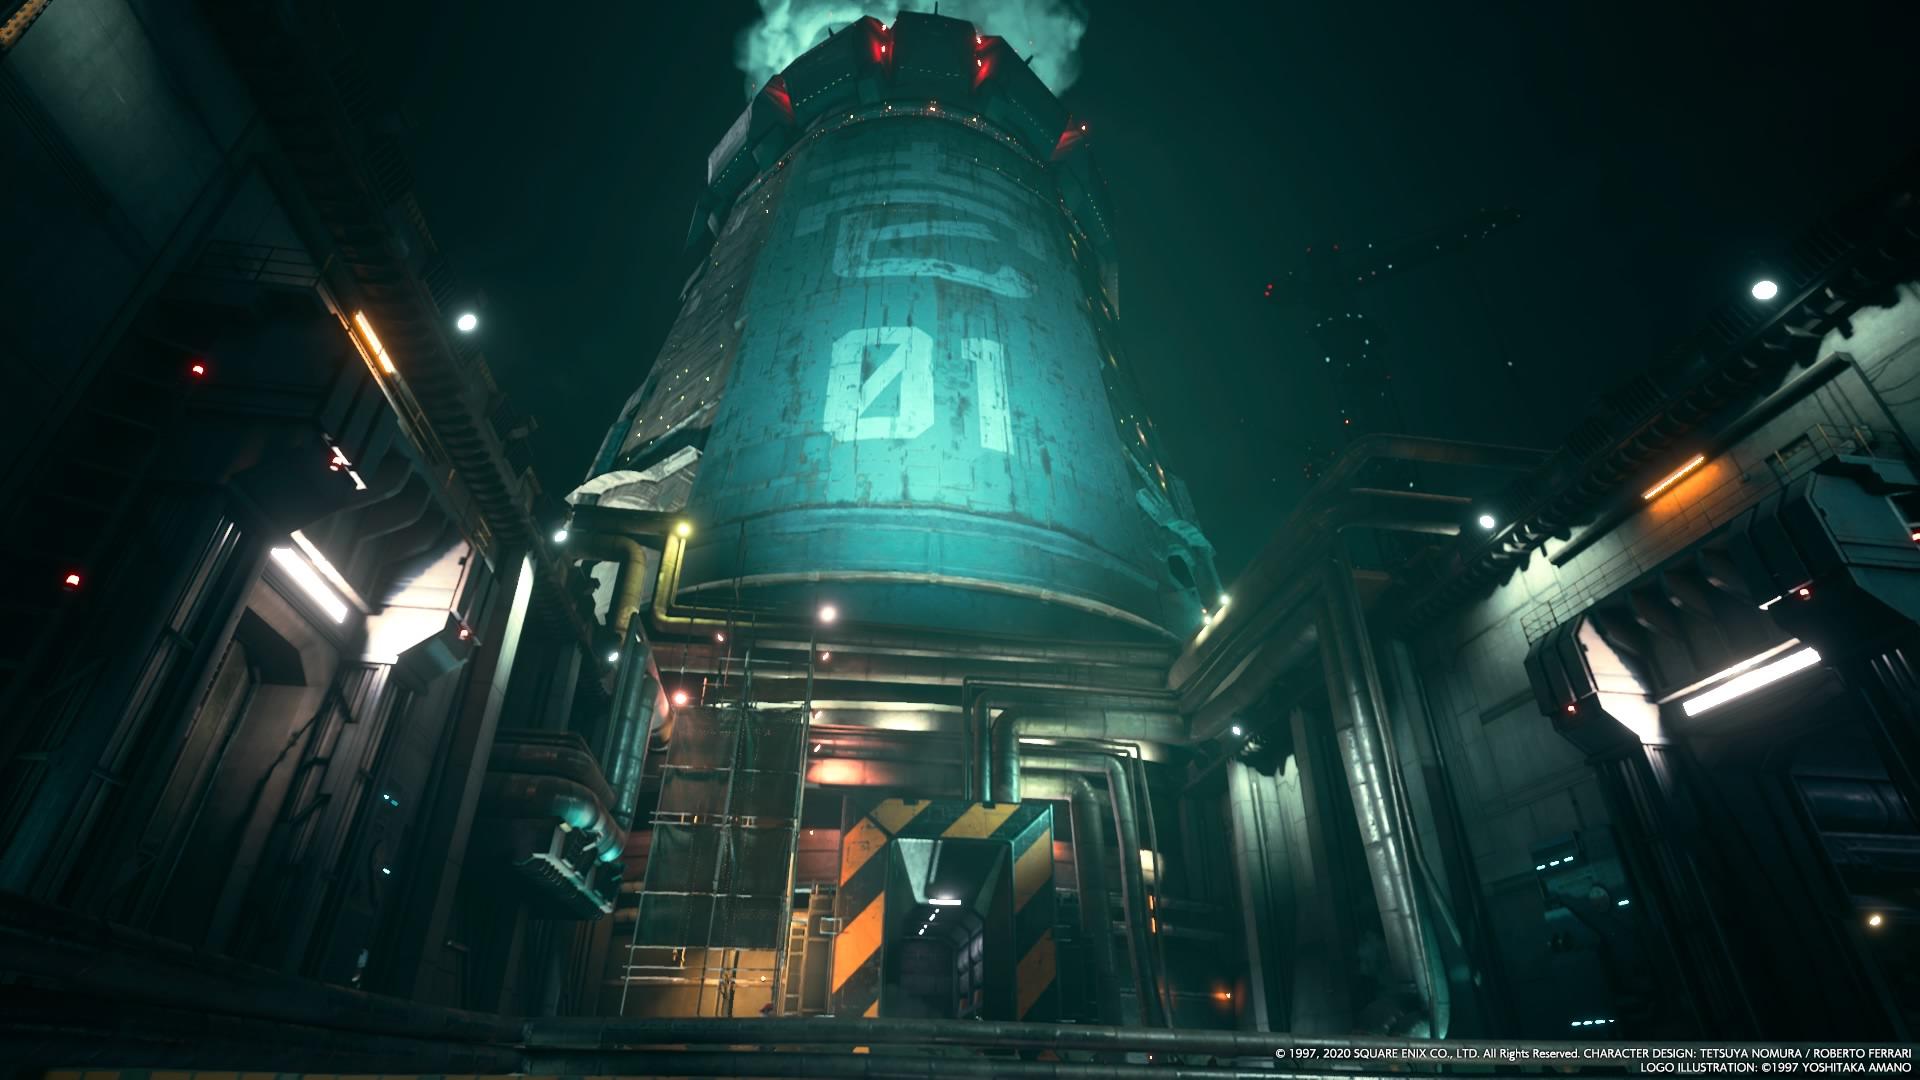 Final Fantasy VII-R : The remake so far… 2/3 – SPOILER (prime 30 ore ca.)